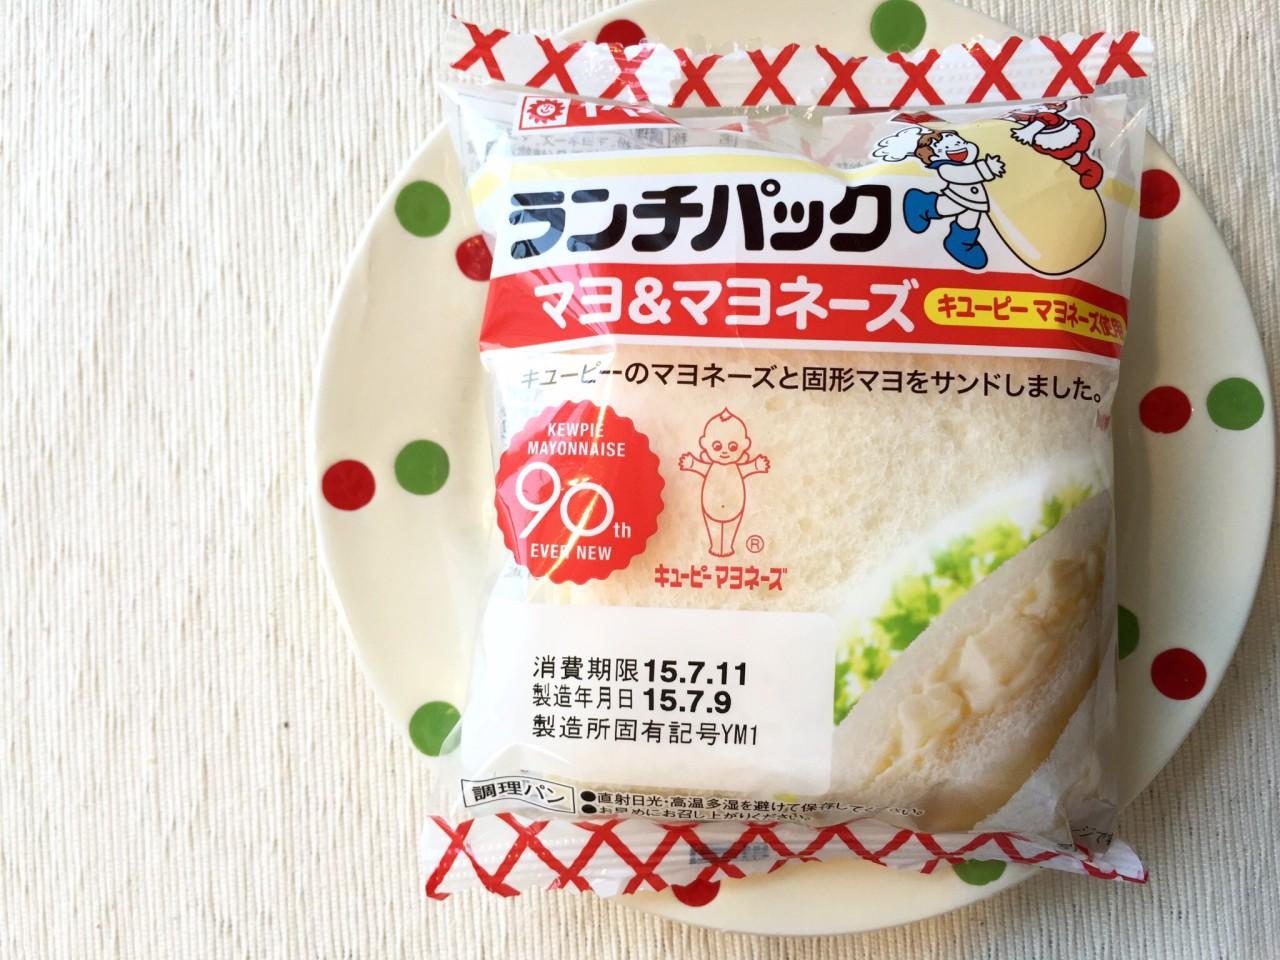 もぐもぐ食べるマヨネーズには、ゴクゴク飲めるサラダ風ドリンクを